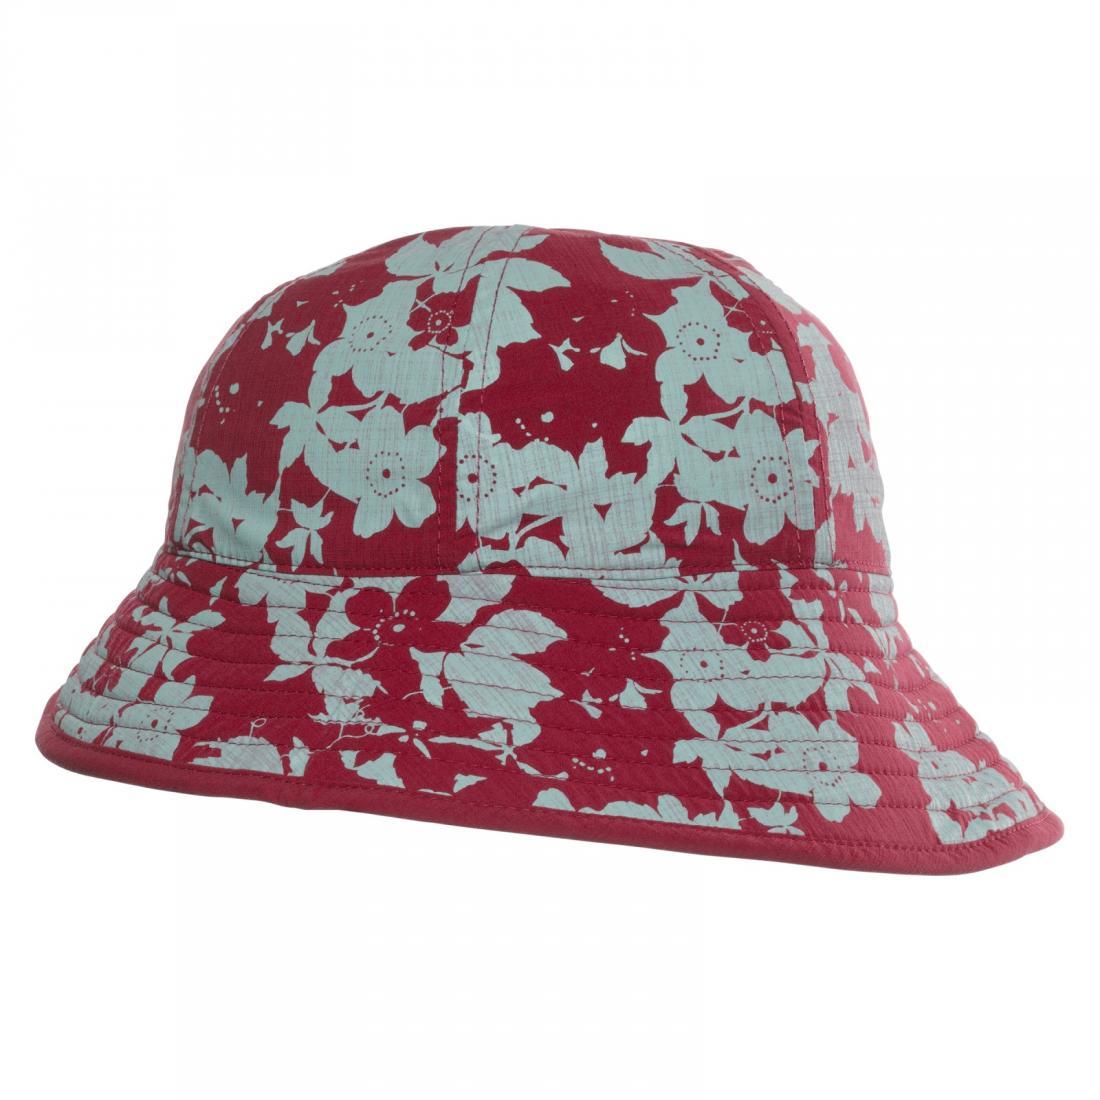 Панама Chaos  Summit Beach Hat (женс)Панамы<br><br> Элегантная женская панама Summit Beach Hat — это отличный пляжный вариант от Chaos. В ней можно не беспокоиться о том, что жаркое солнце напечет голову. Благодаря оригинальному дизайну эта модель станет ярким дополнением образа.<br><br><br>Б...<br><br>Цвет: Красный<br>Размер: L-XL